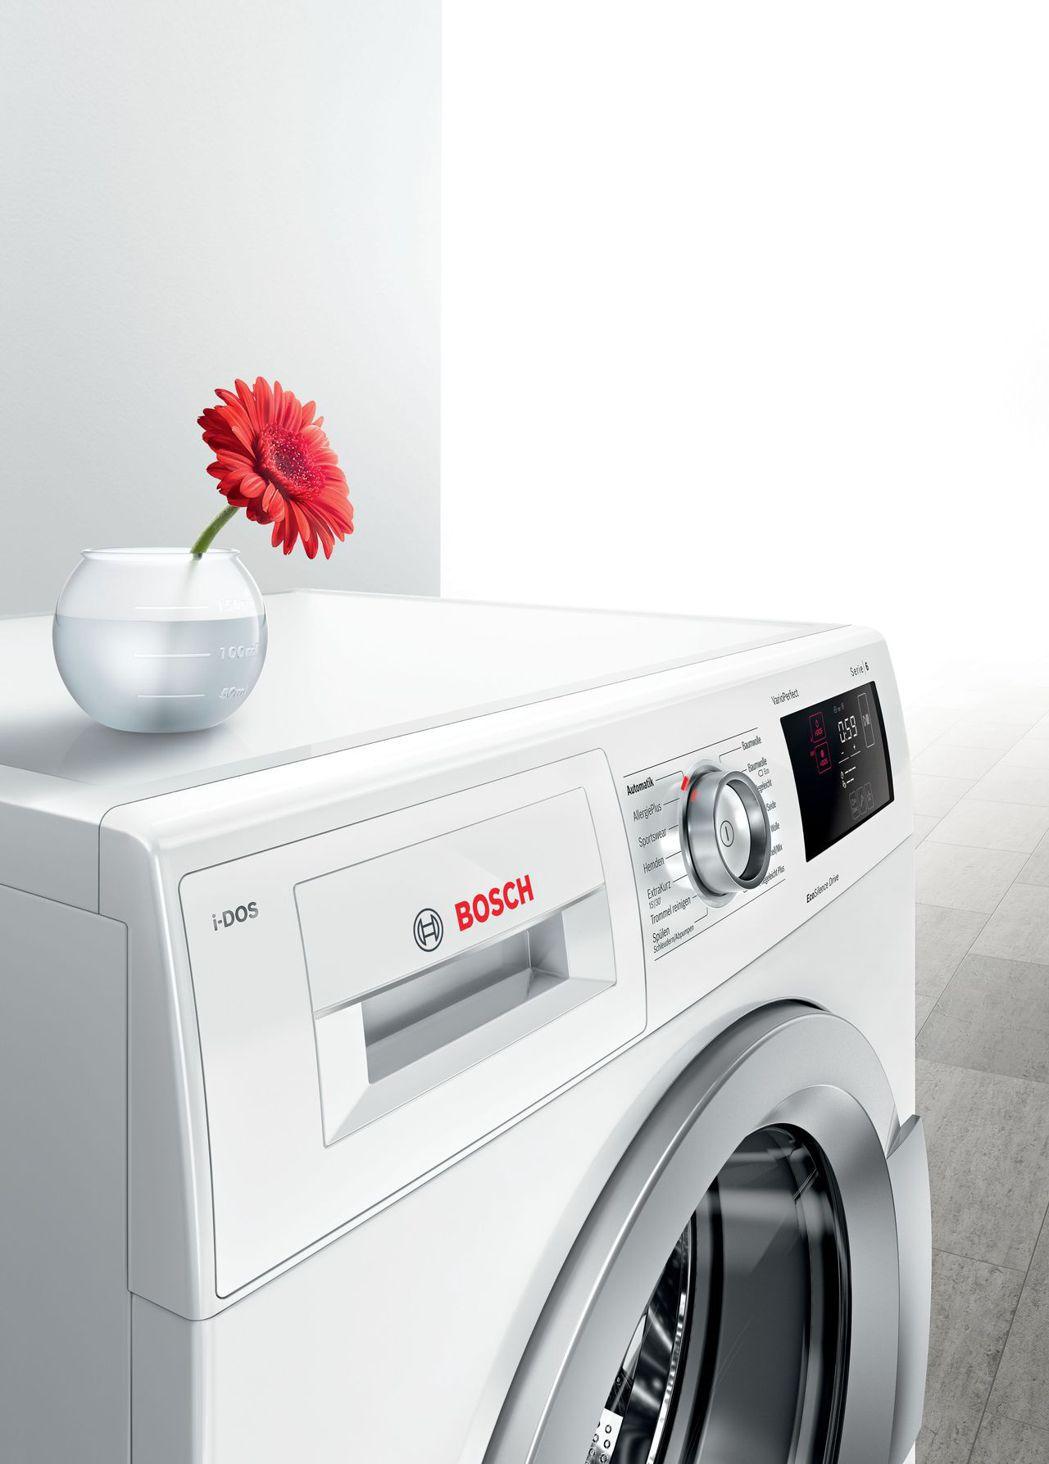 BOSCH i-DOS智慧洗劑精算滾筒洗衣機幫助使用者精準掌控洗劑,洗劑不殘留在...